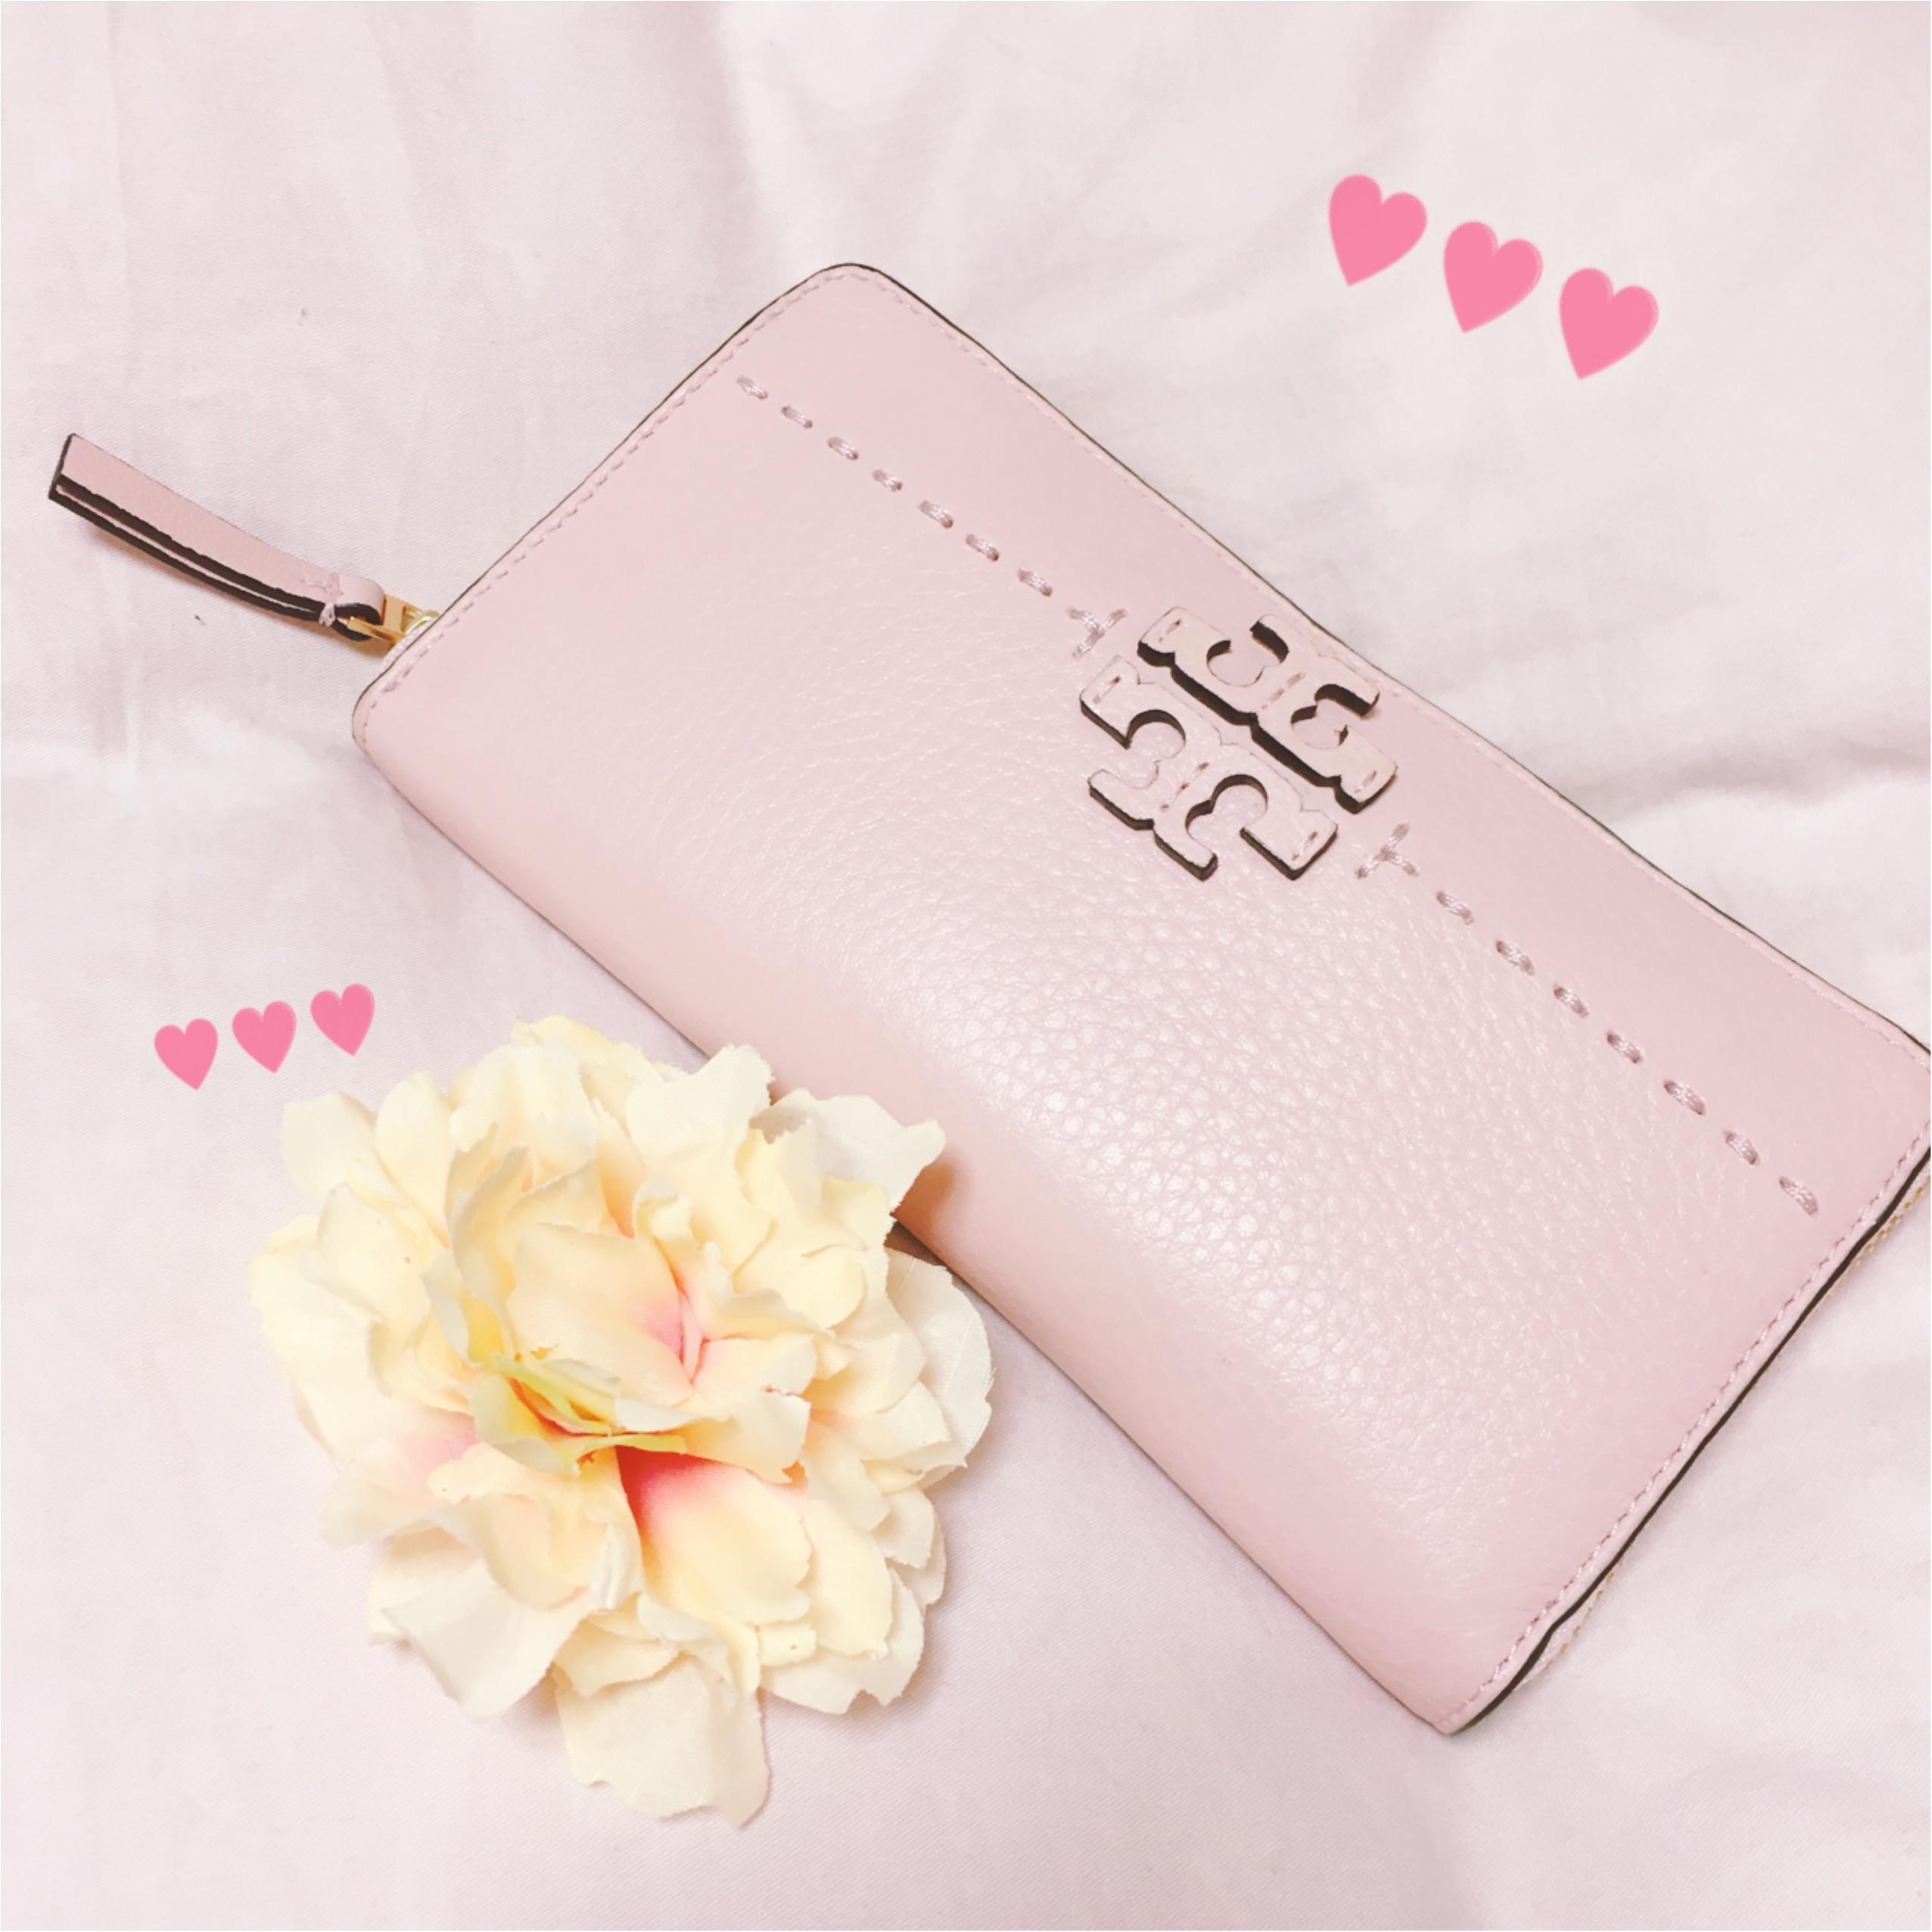 《恋愛運UPに効く最強カラー★》【TORY BURCH】でピンクの財布を新調しました❤️_1